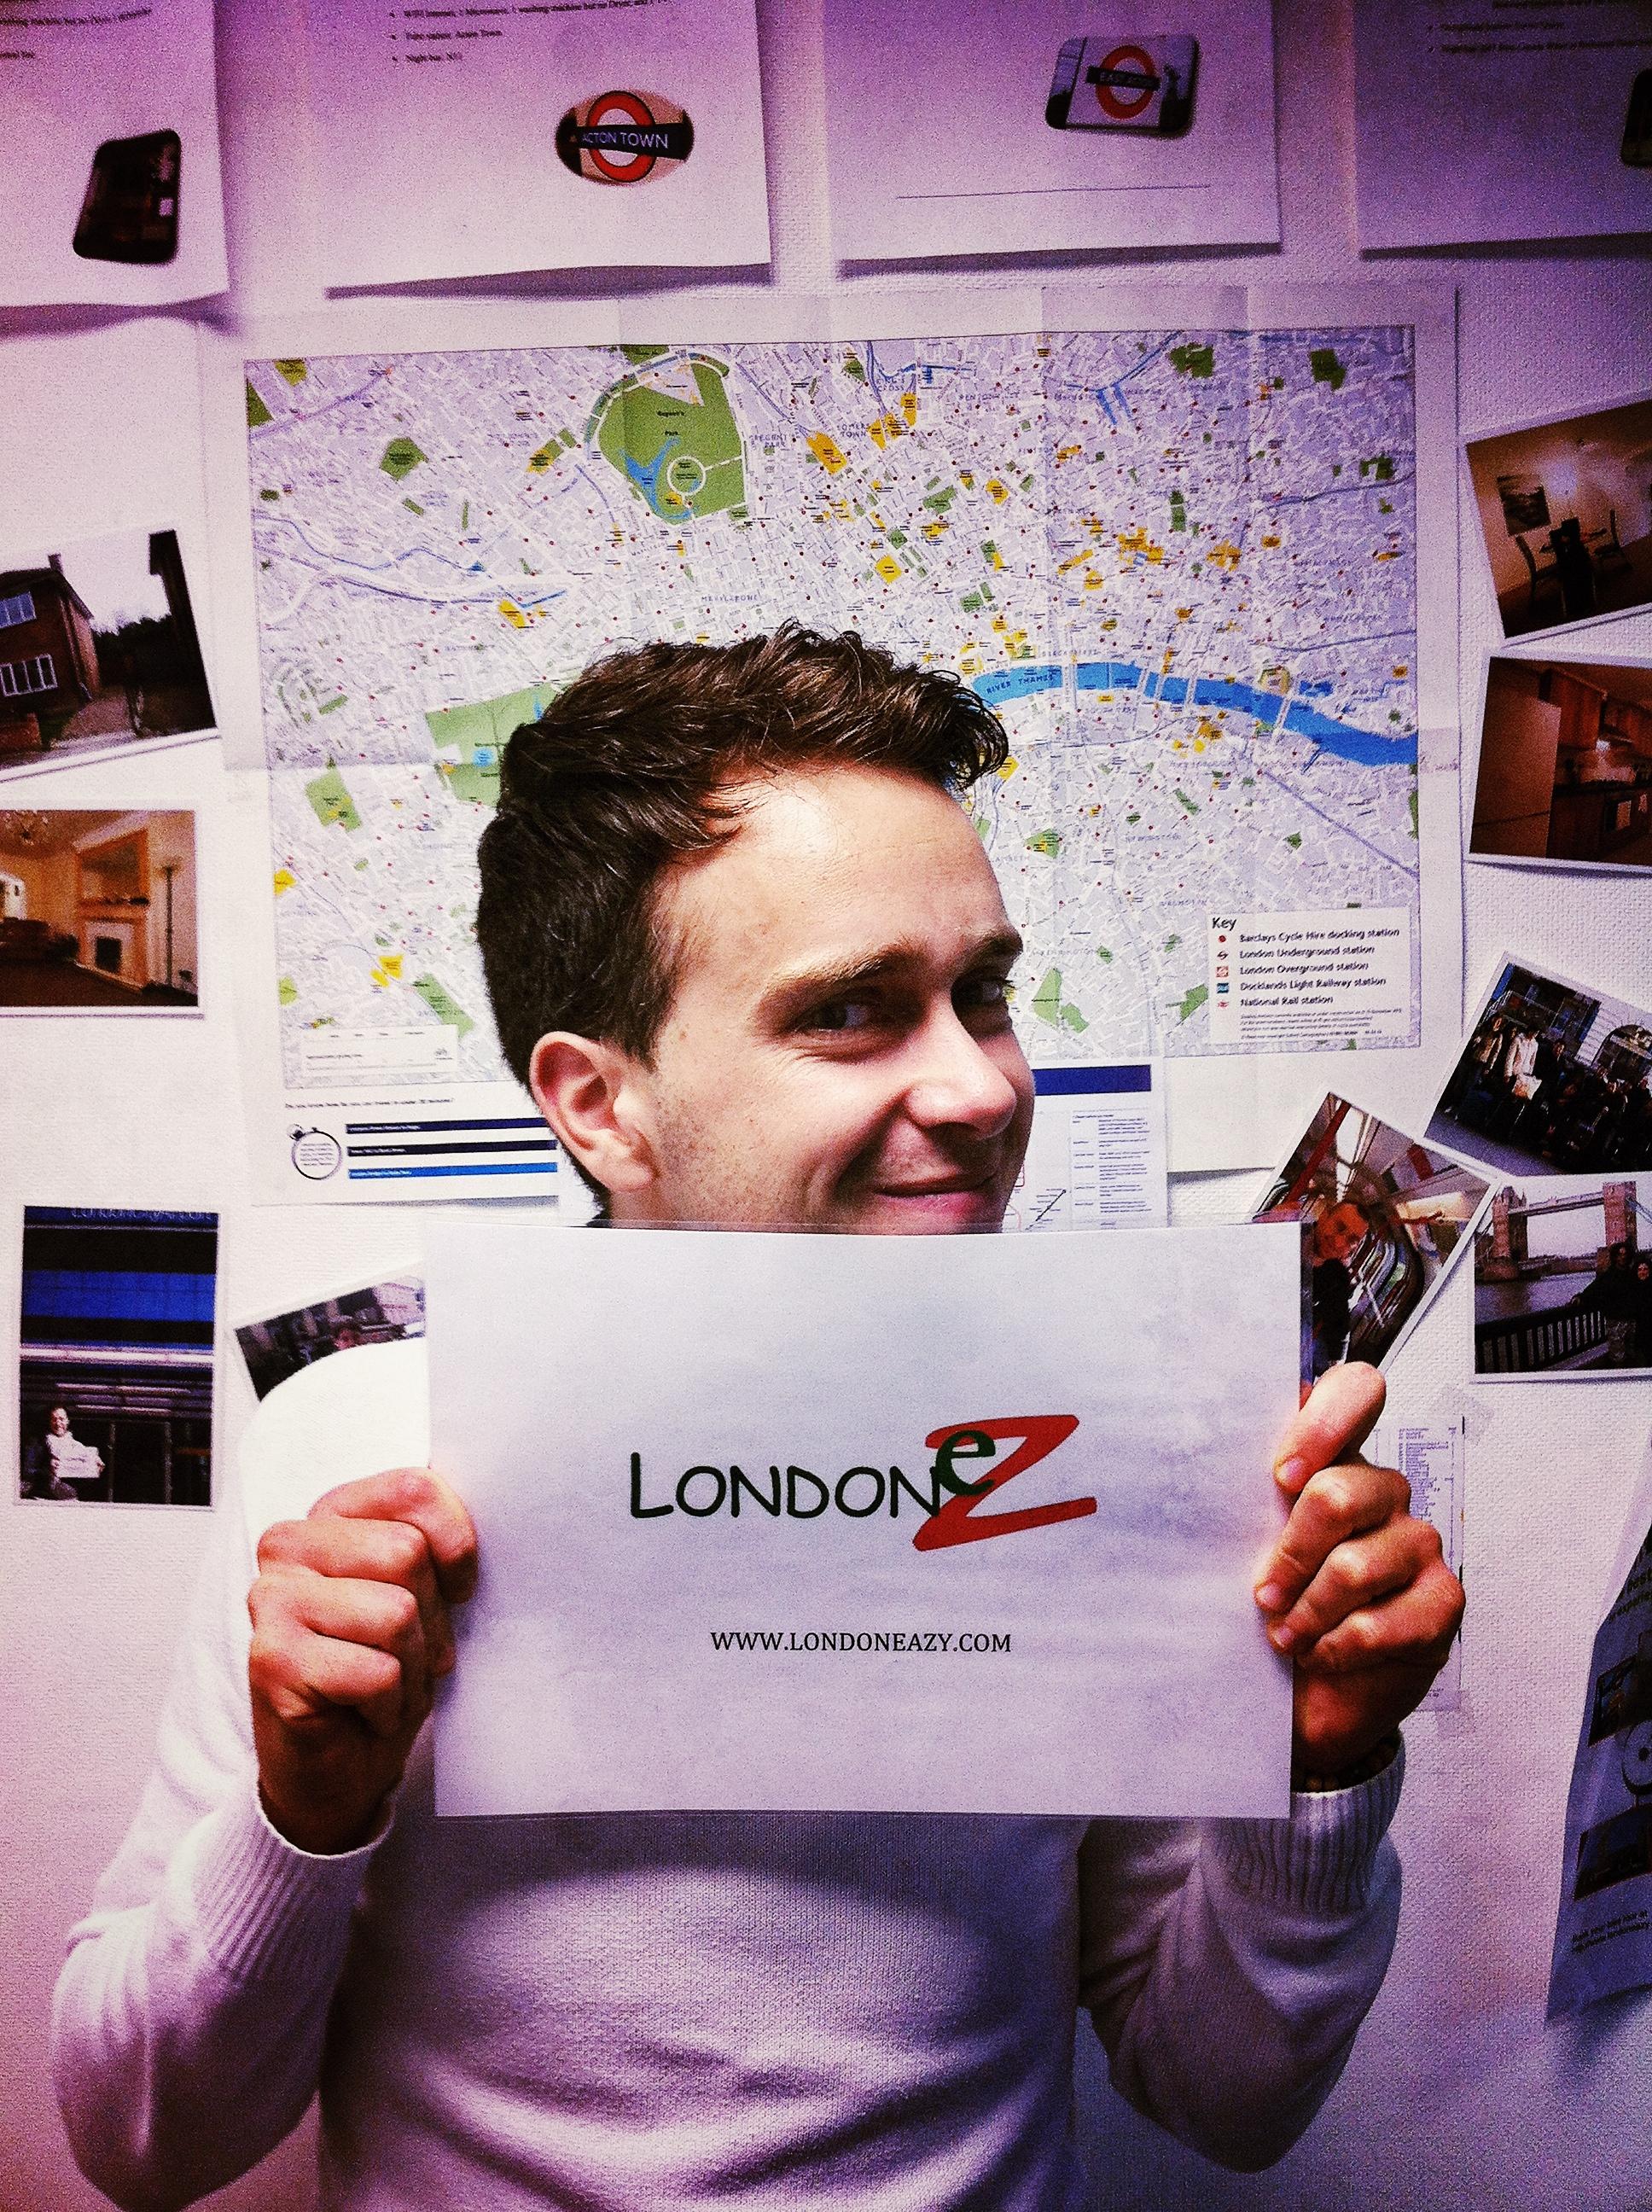 Antonio LondonEazy2